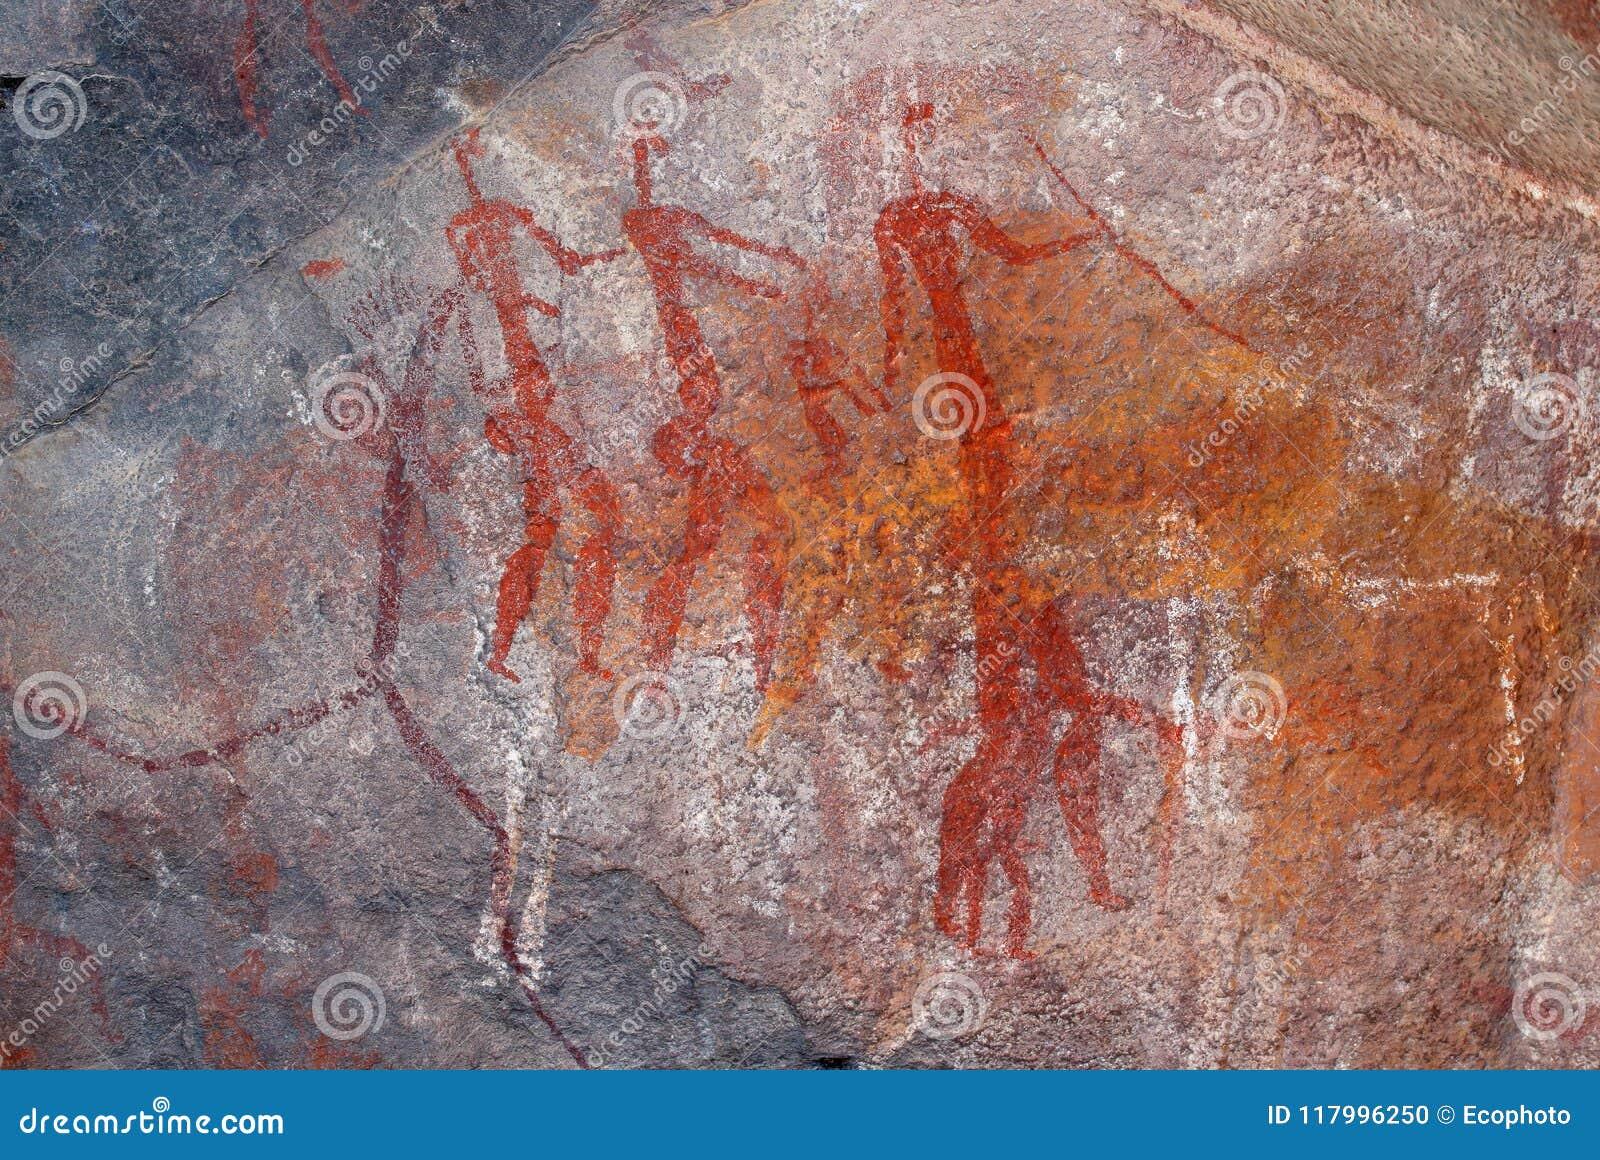 Pintura de la roca de los bosquimanos - Suráfrica